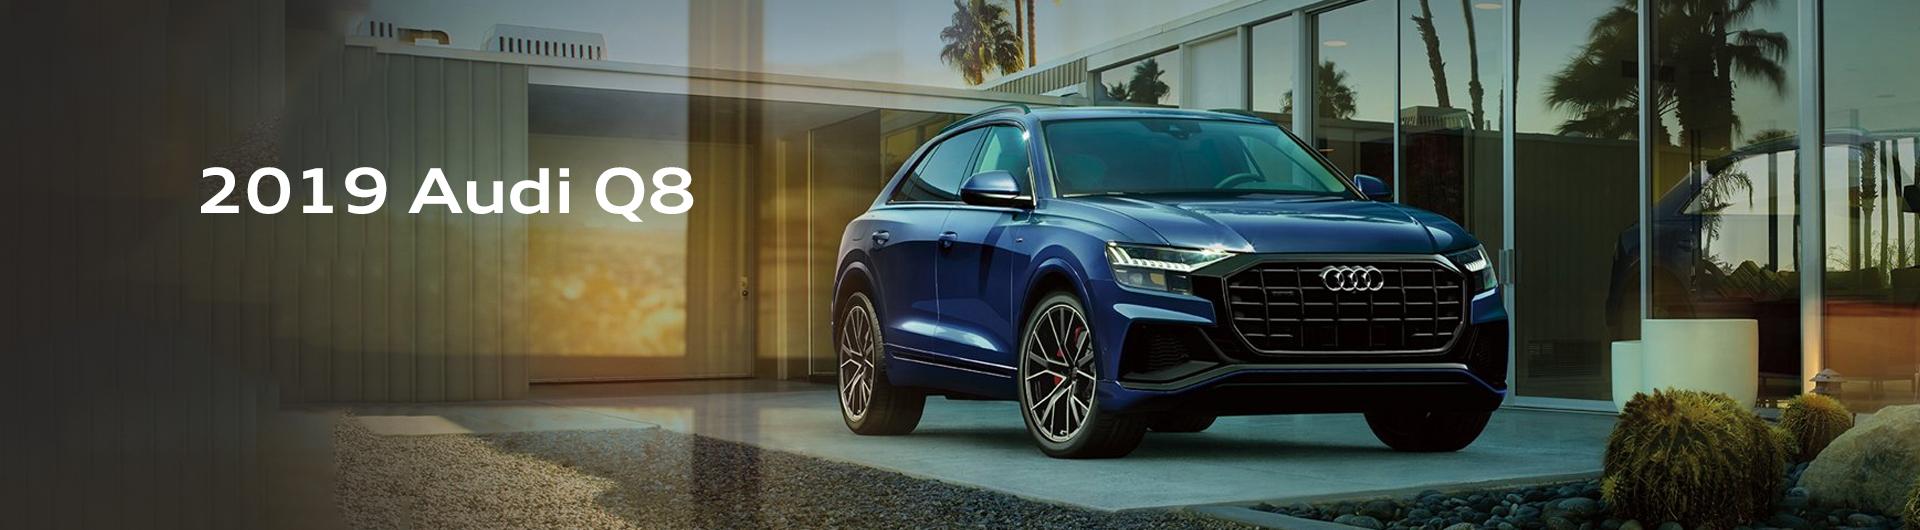 2019 Audi Q8 | Fiore Audi